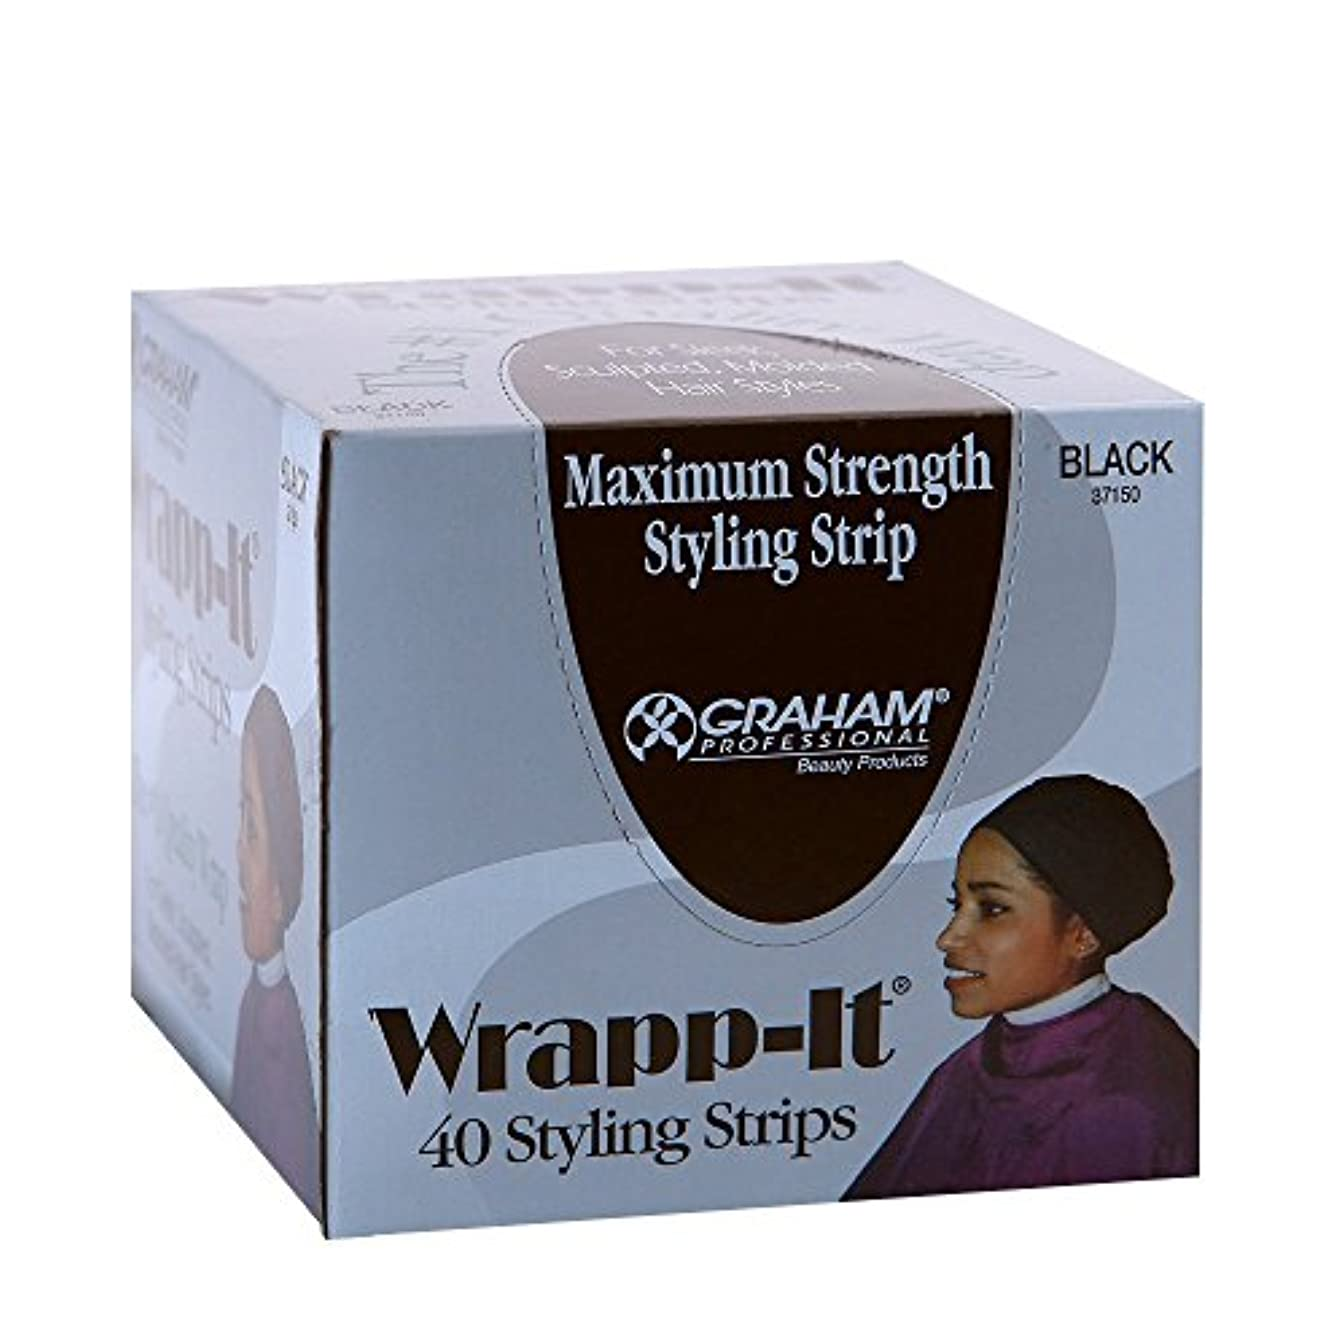 のホストお手伝いさん魔術師Graham Professional Beauty Wrapp、それブラックスタイリングストリップ